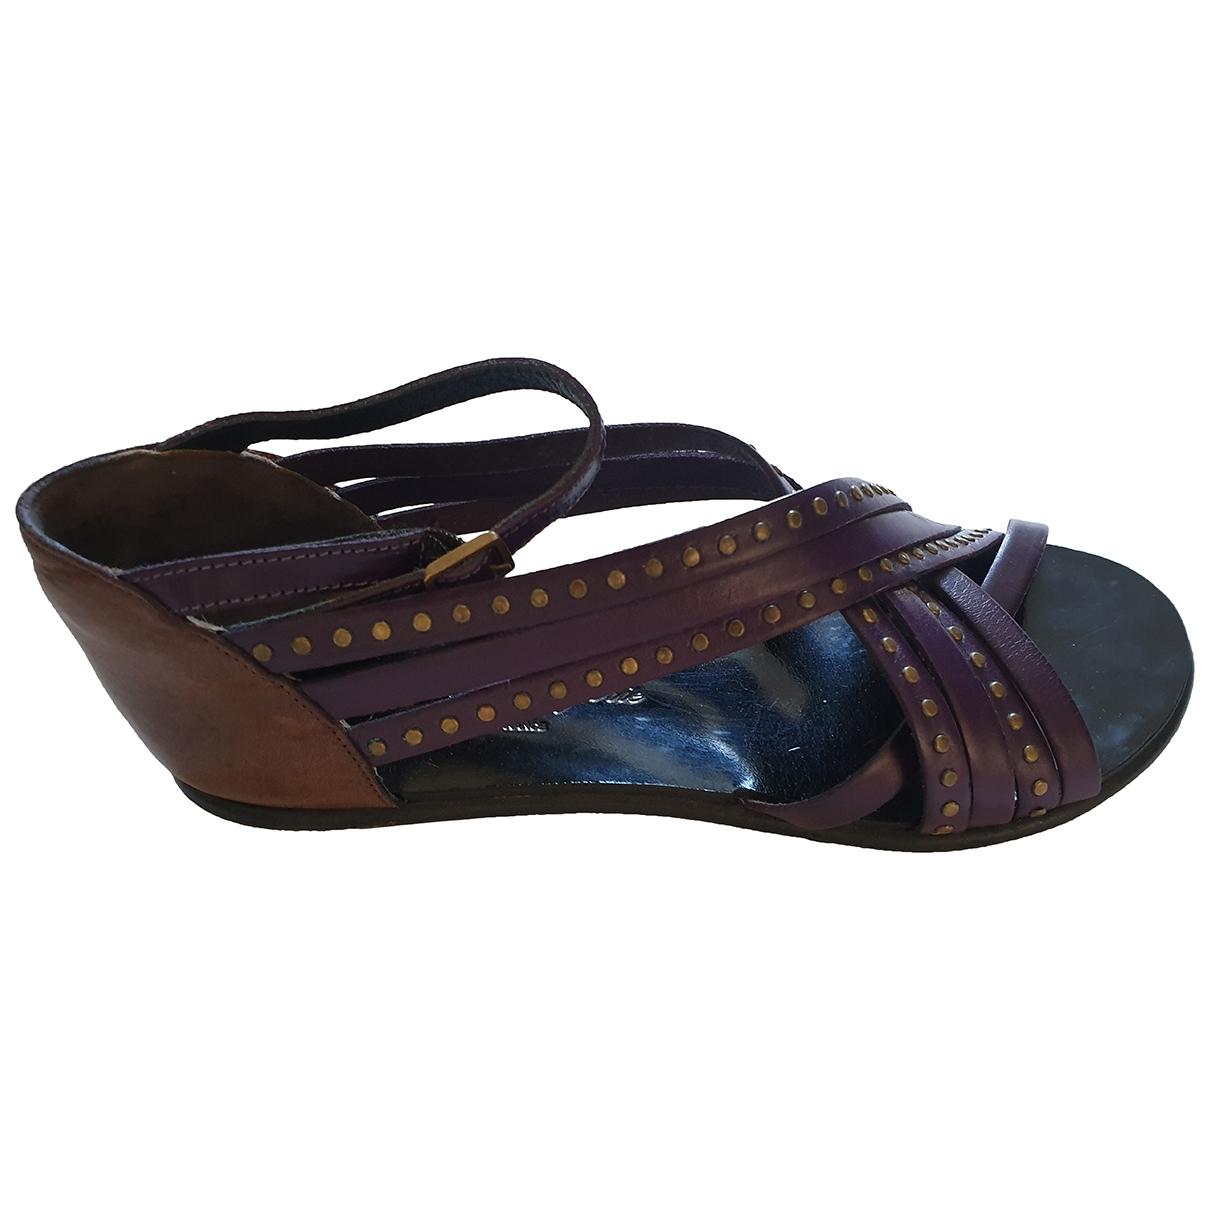 Robert Clergerie - Sandales   pour femme en cuir - violet